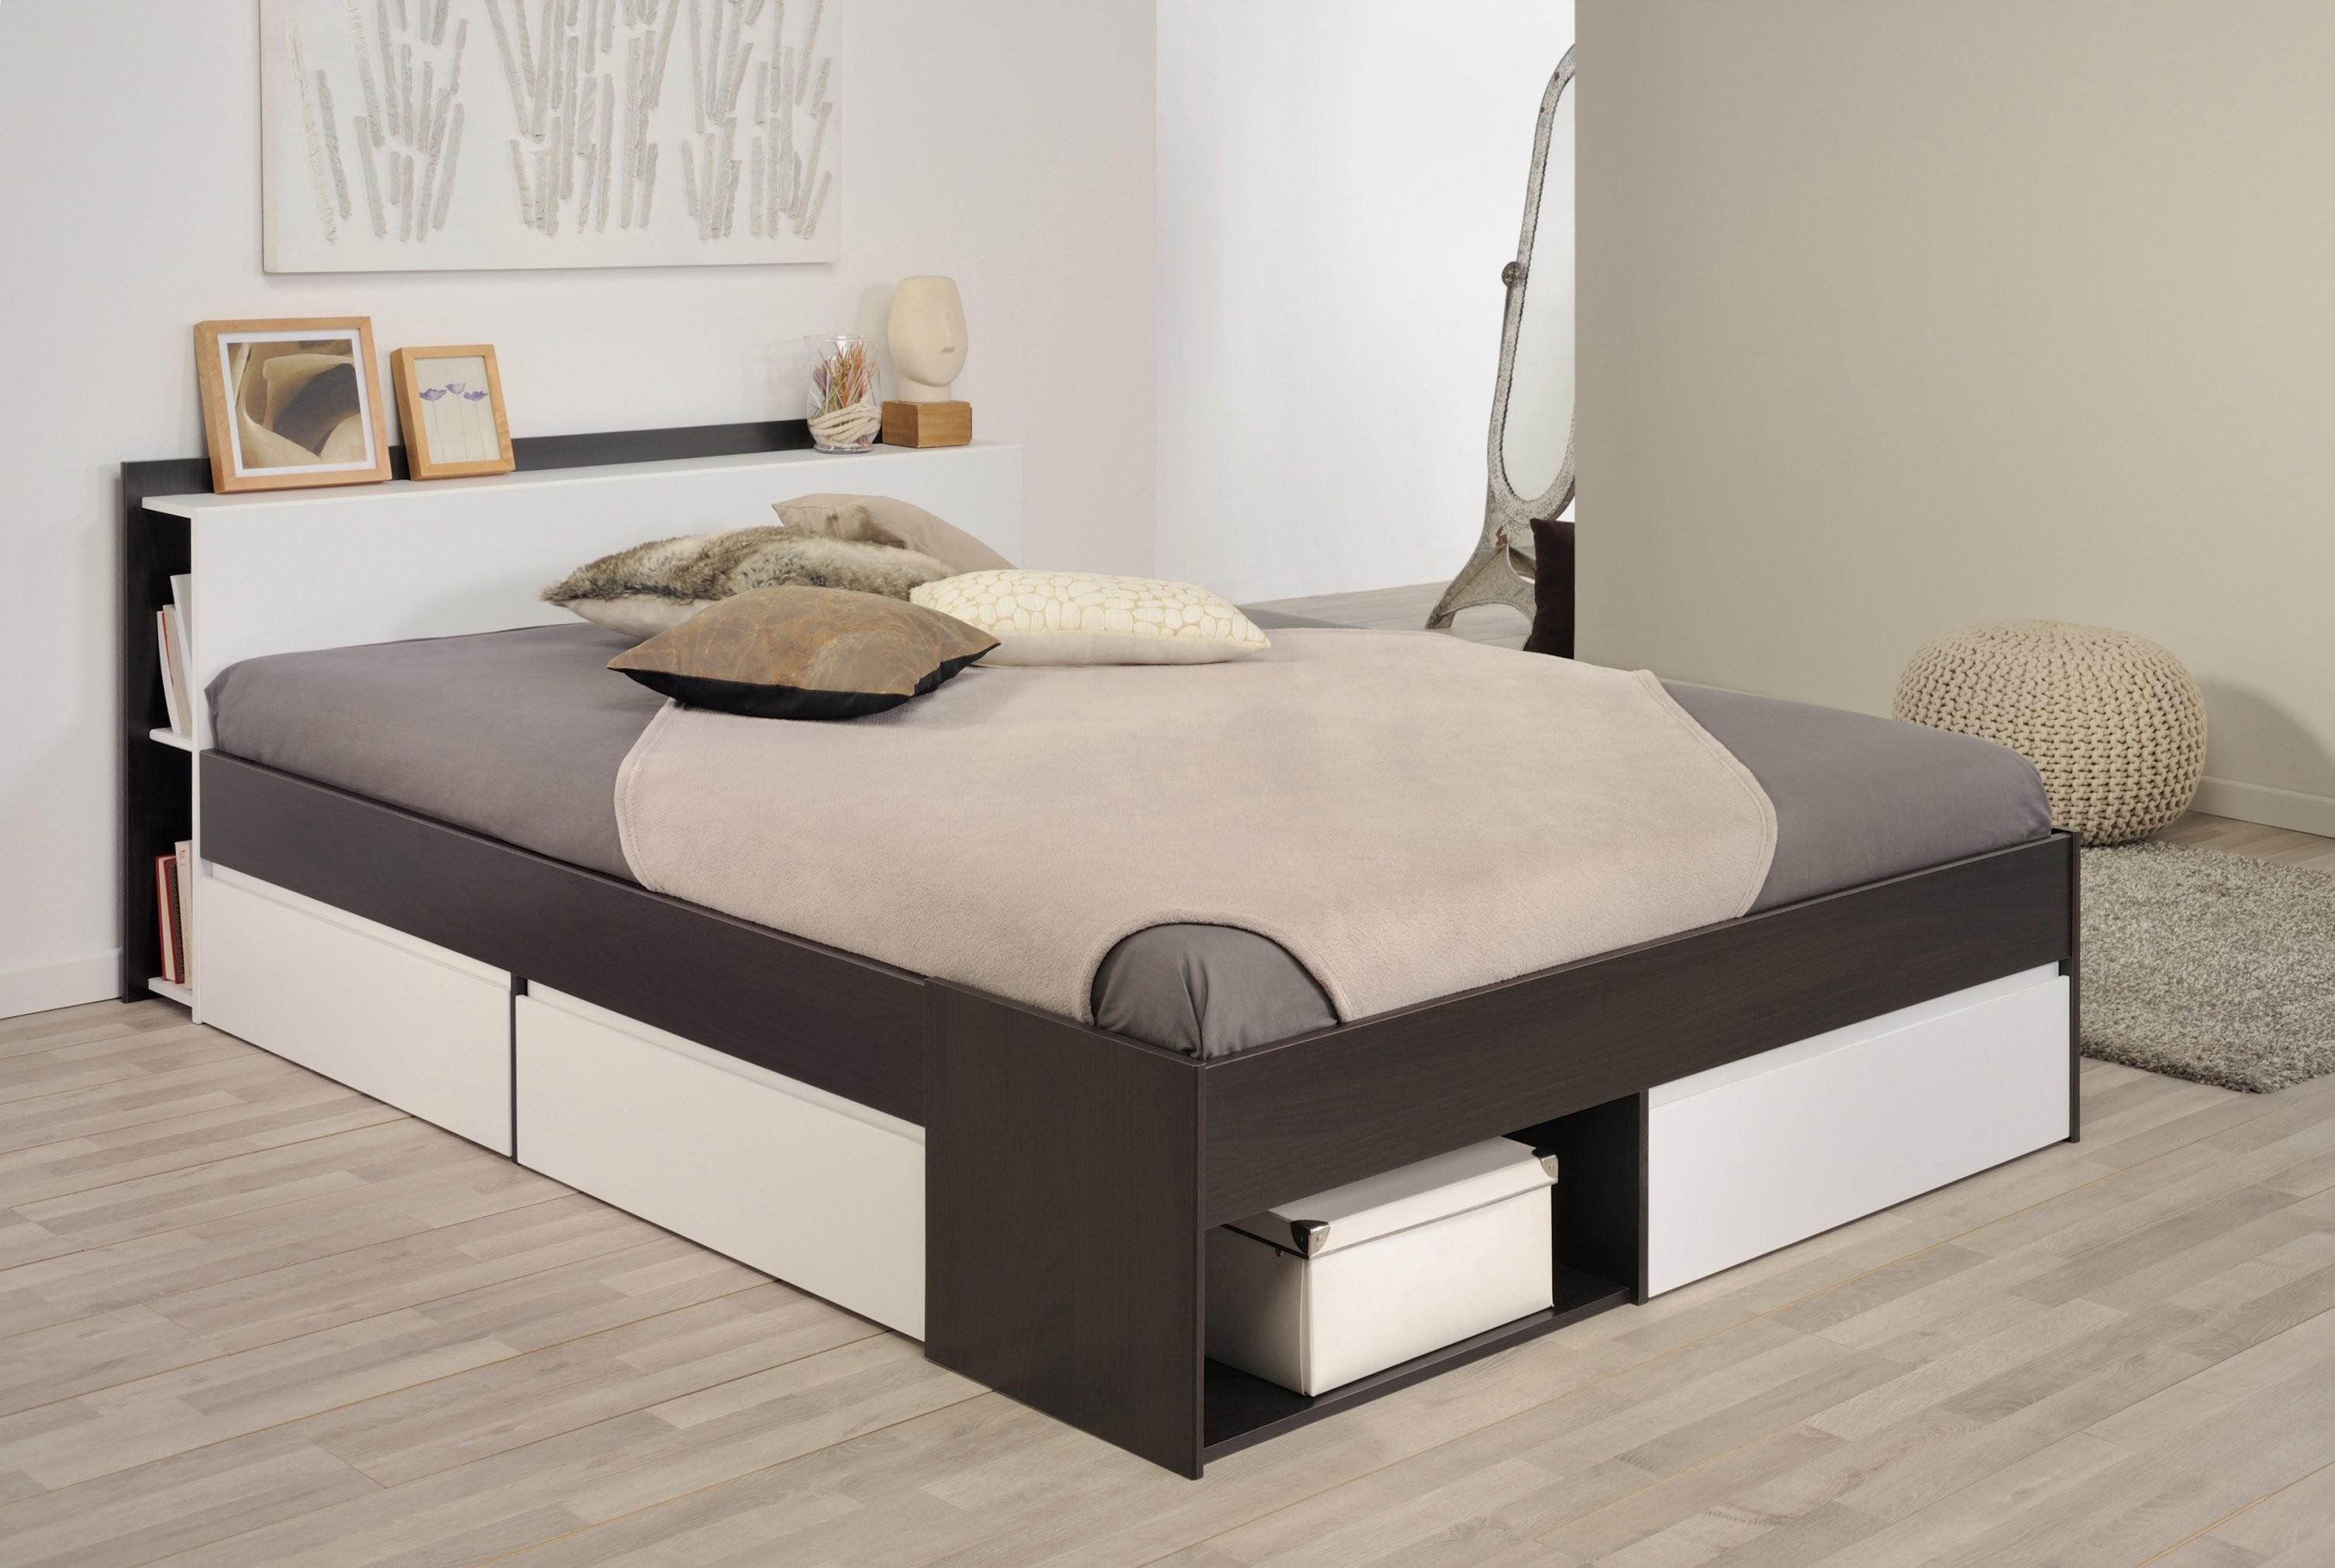 Bett 140 X 200 Cm Kaffee Braun Weiss Parisot Most 3 Modern  Kaufen von Moderne Betten 140X200 Bild